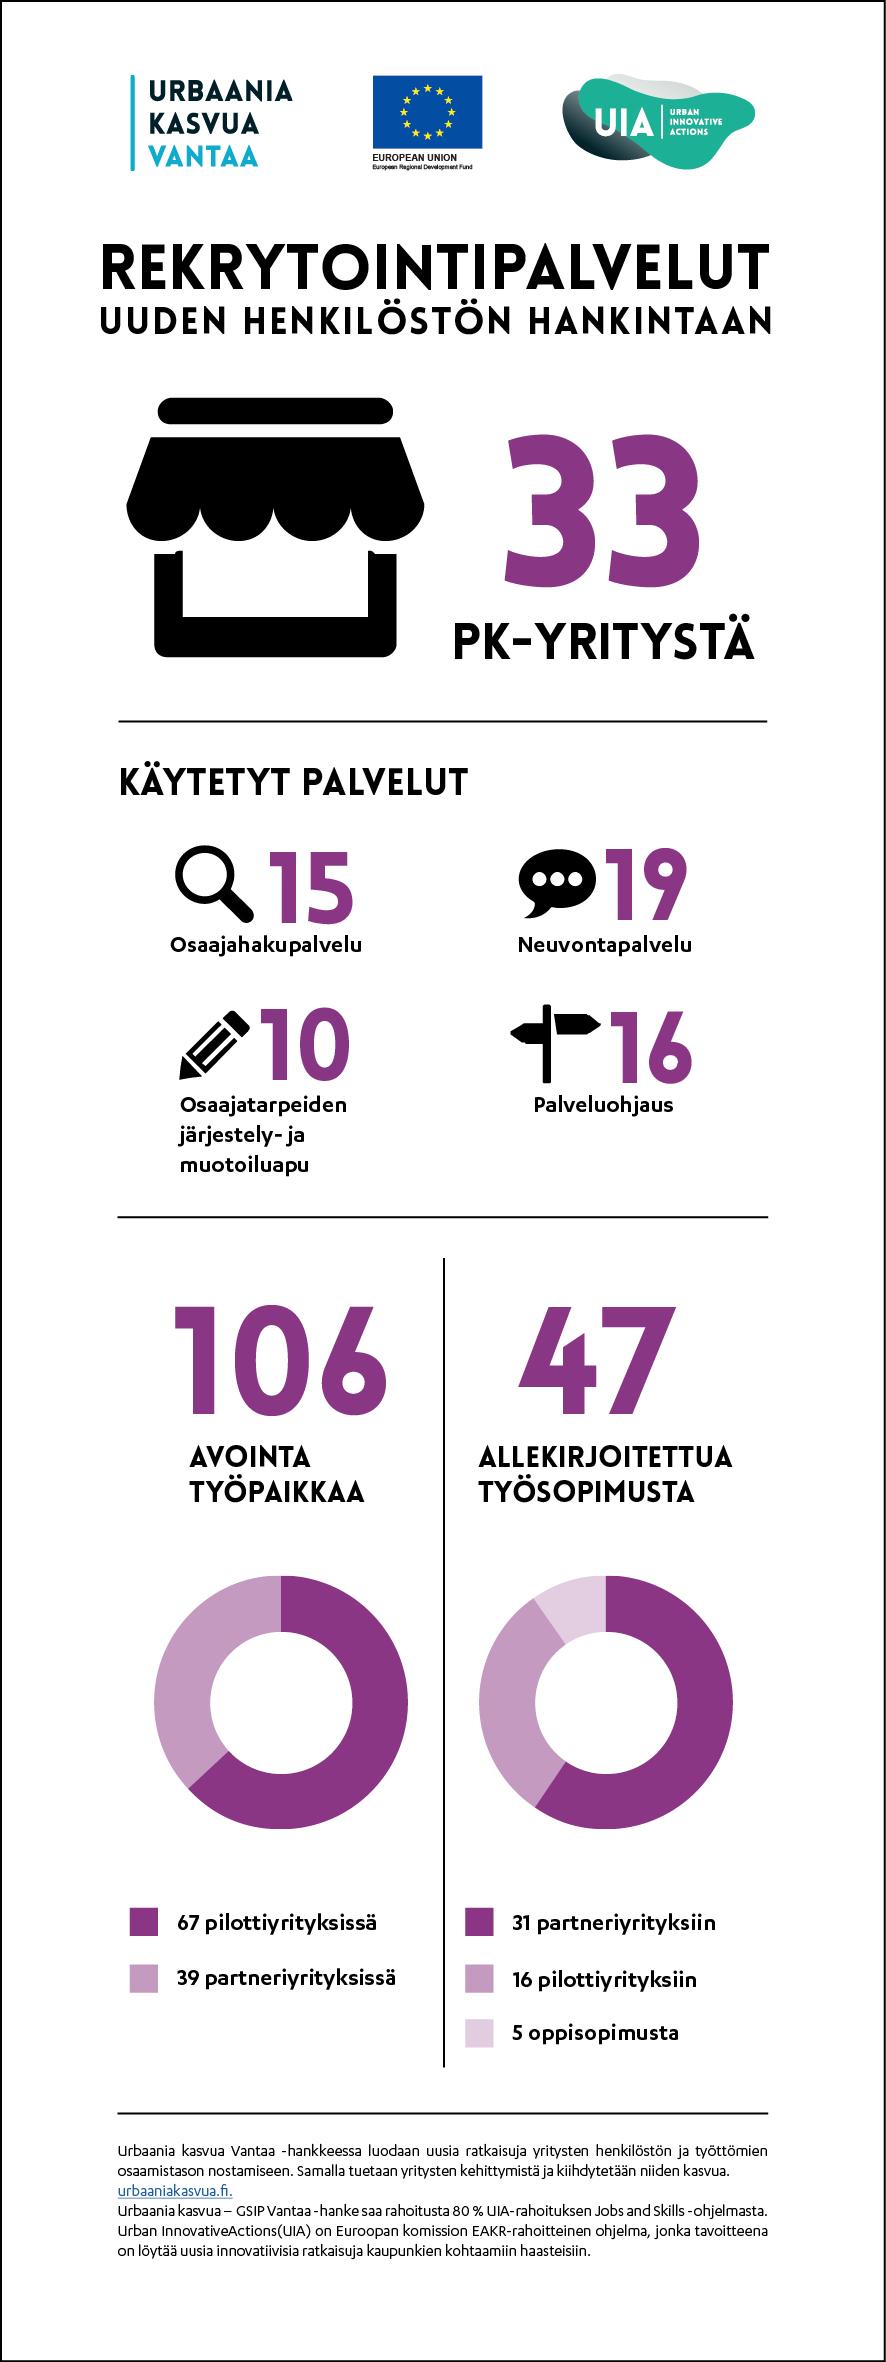 Kasvudiili 1 Rekrytointipalvelut-infografiikka